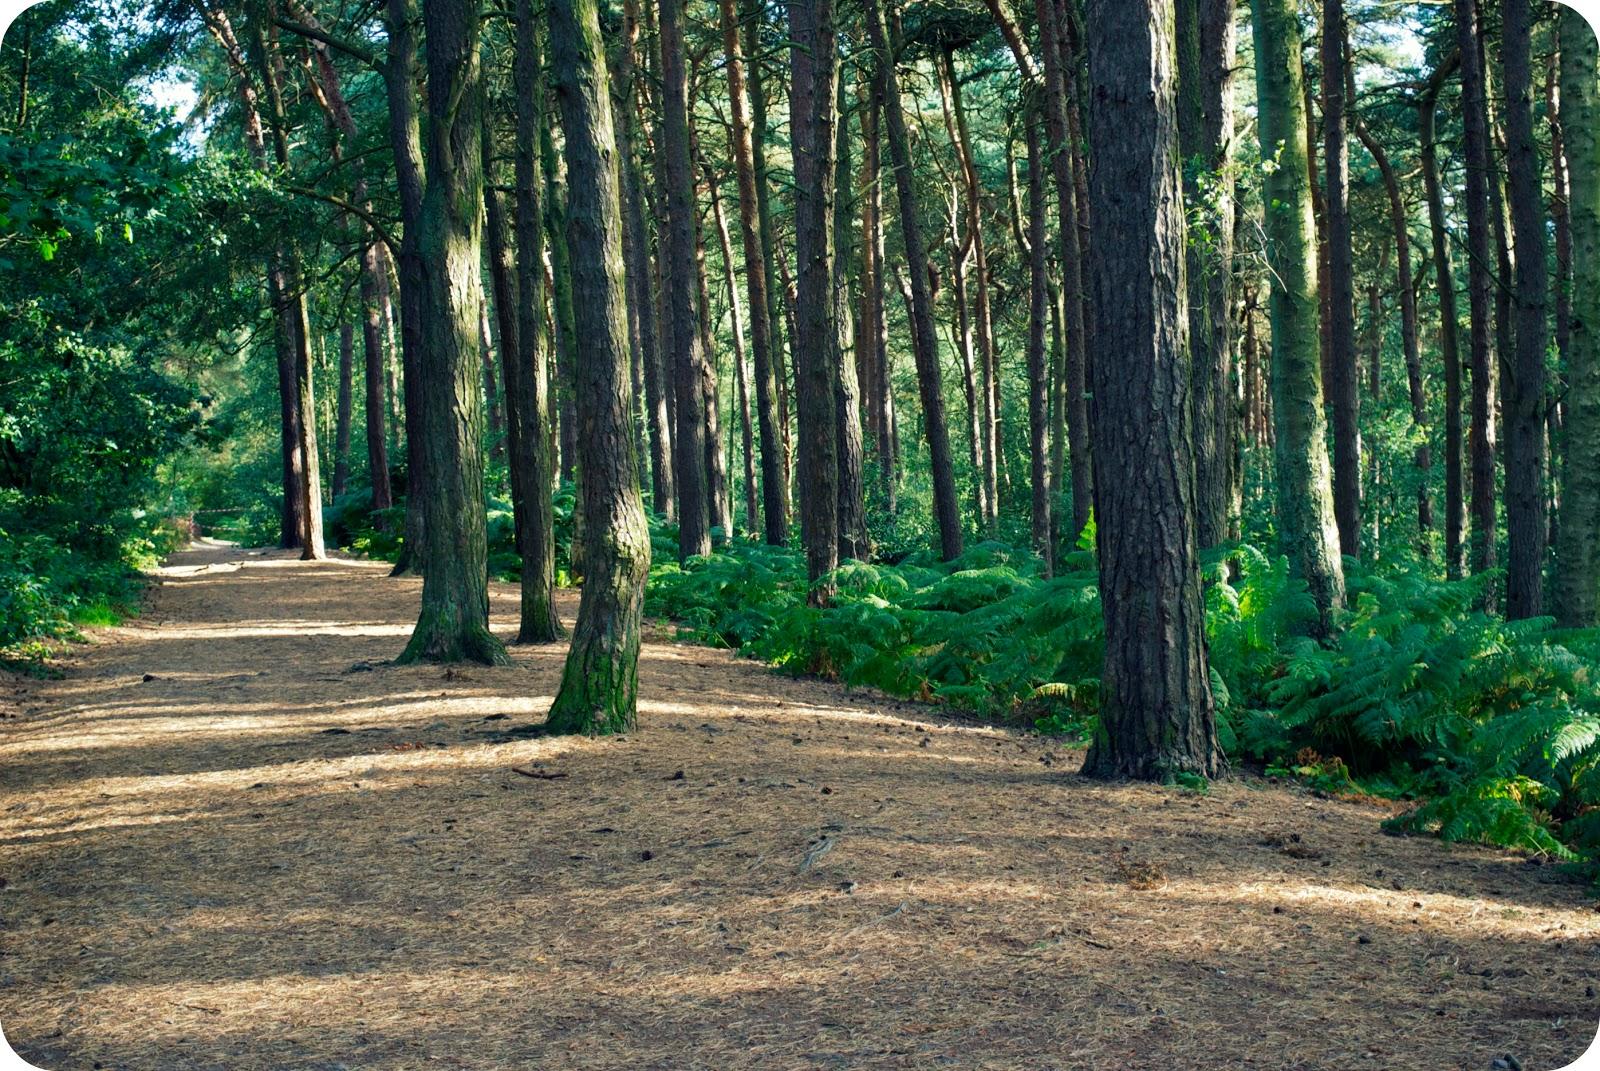 http://2.bp.blogspot.com/-uMUJQnTYWqI/TkmlVKNx3kI/AAAAAAAAB28/ytrzrdrrkIw/s1600/trees%2B3.jpg